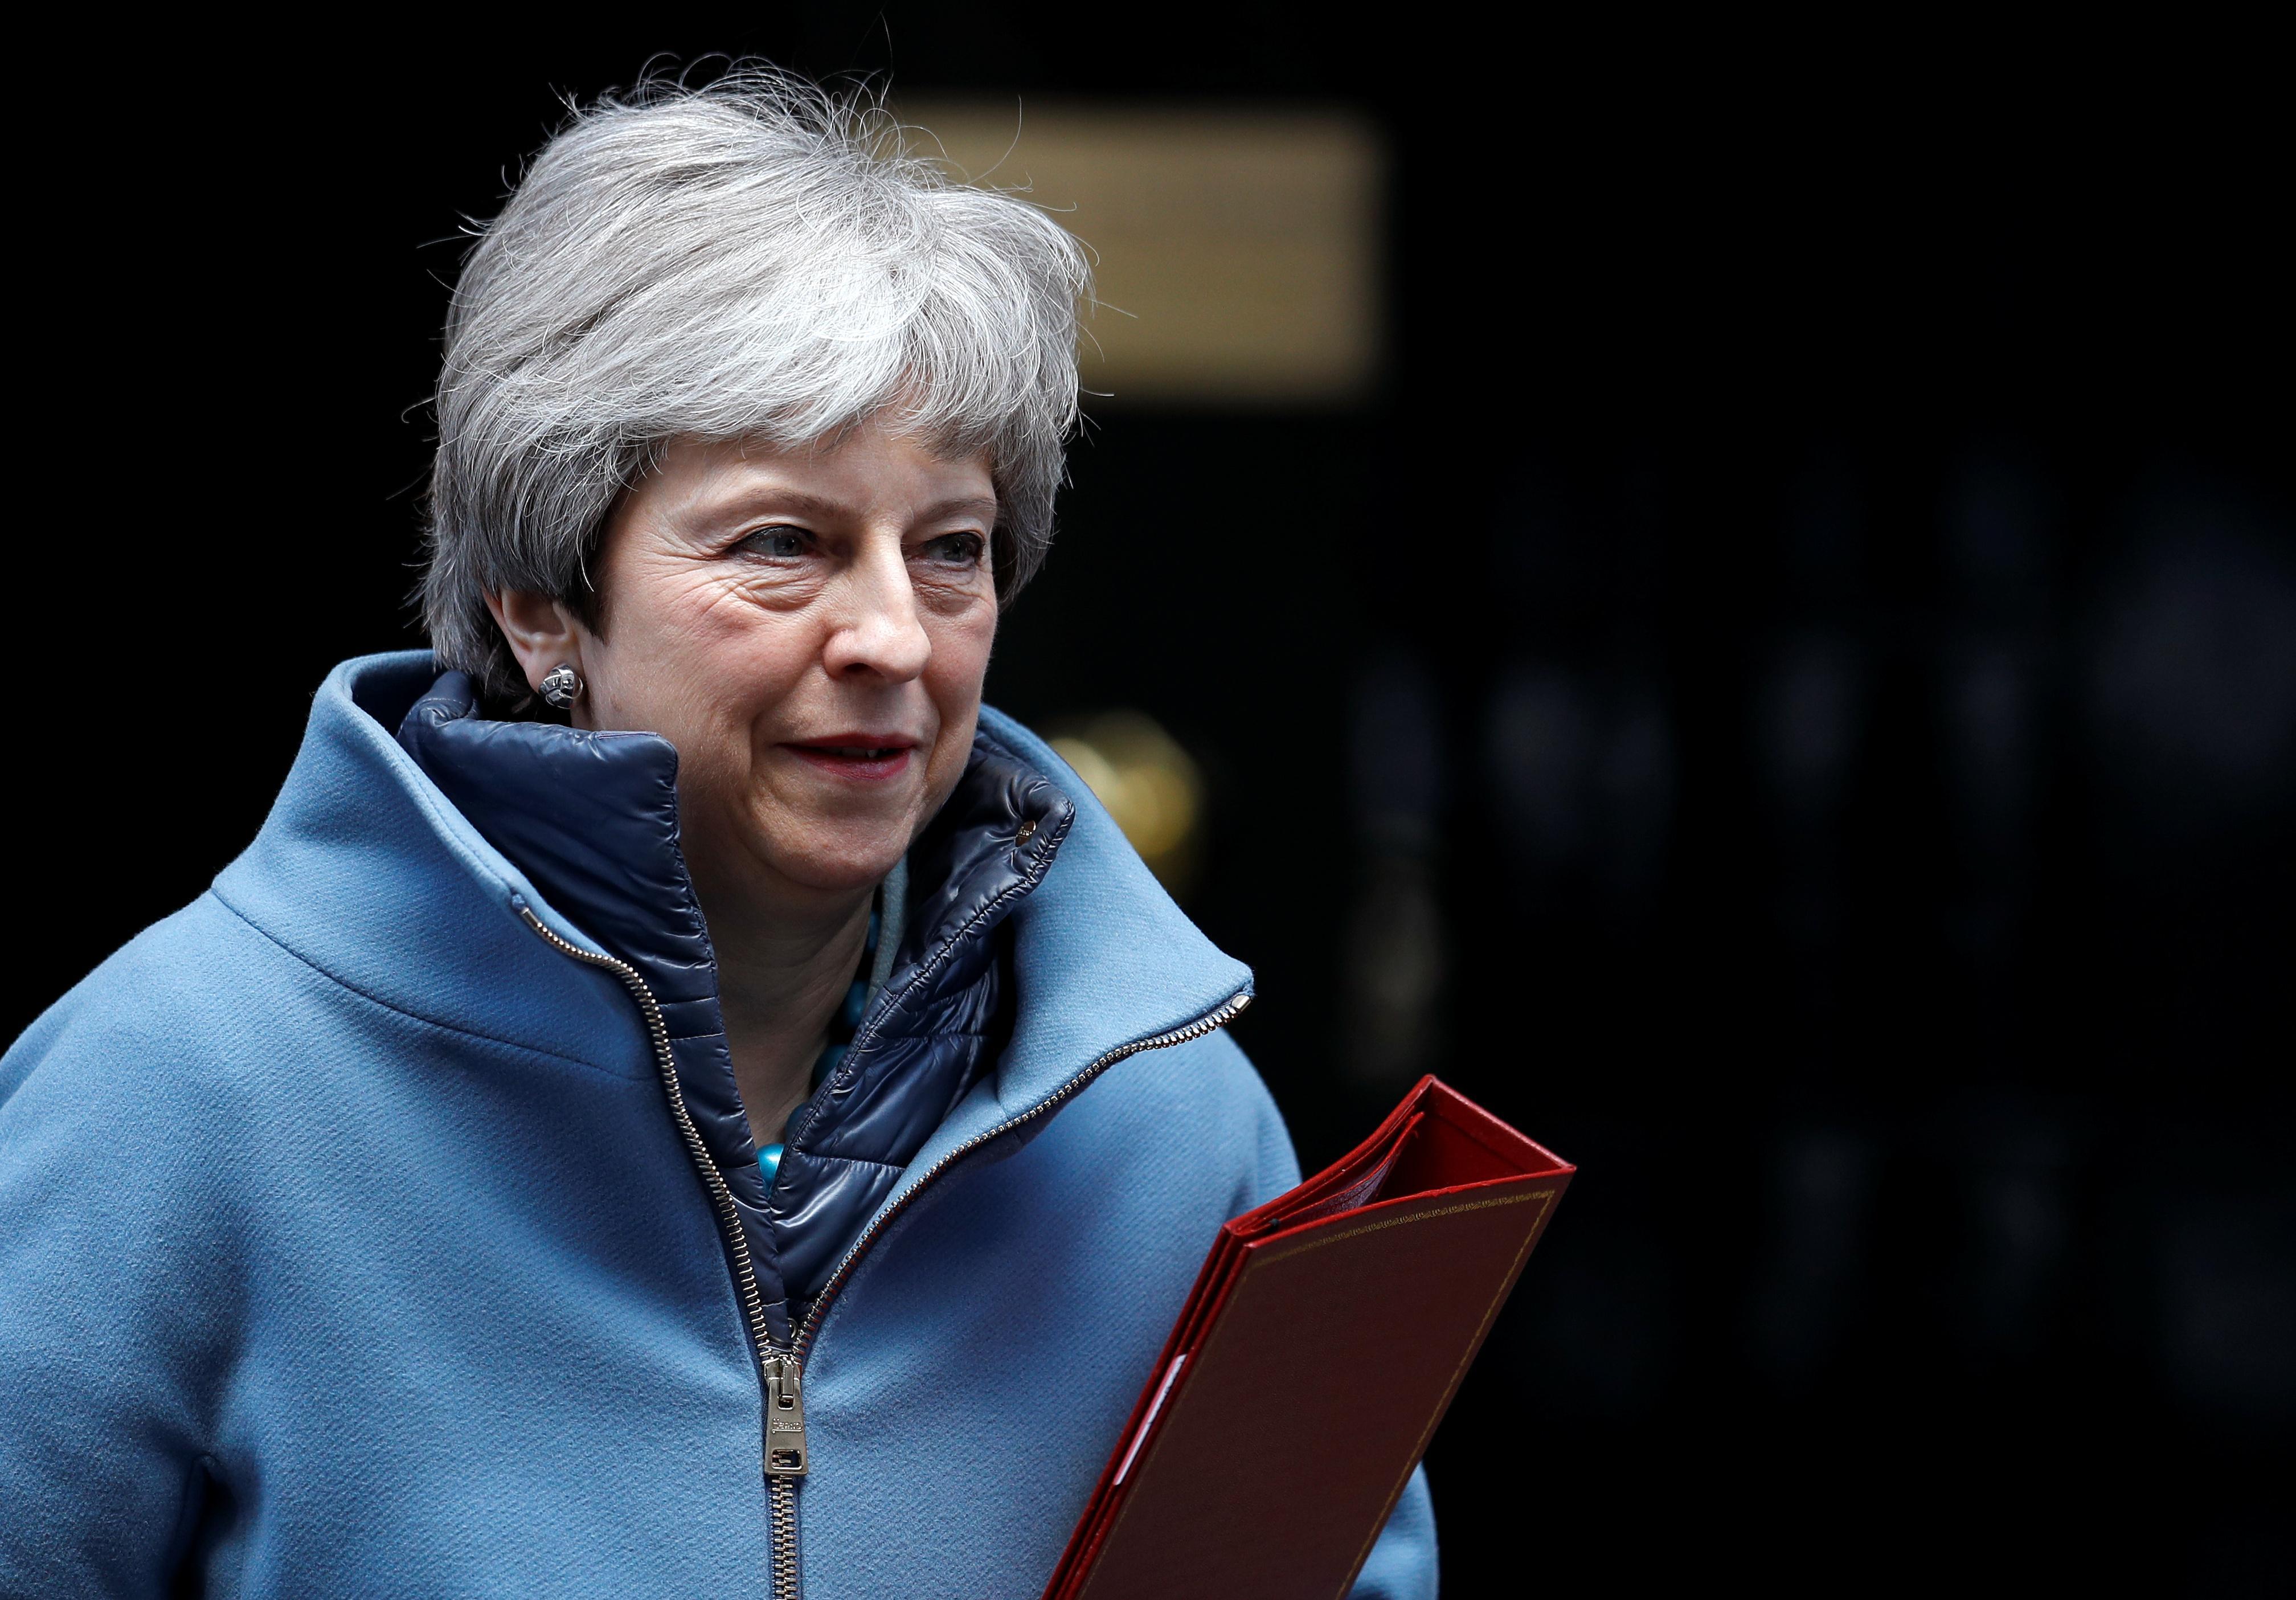 3月27日、英国のメイ首相は議会が3度目の採決で自身の欧州連合(EU)離脱協定案を可決すれば辞任する意向を表明した。25日撮影(2019年 ロイター/PETER NICHOLLS)